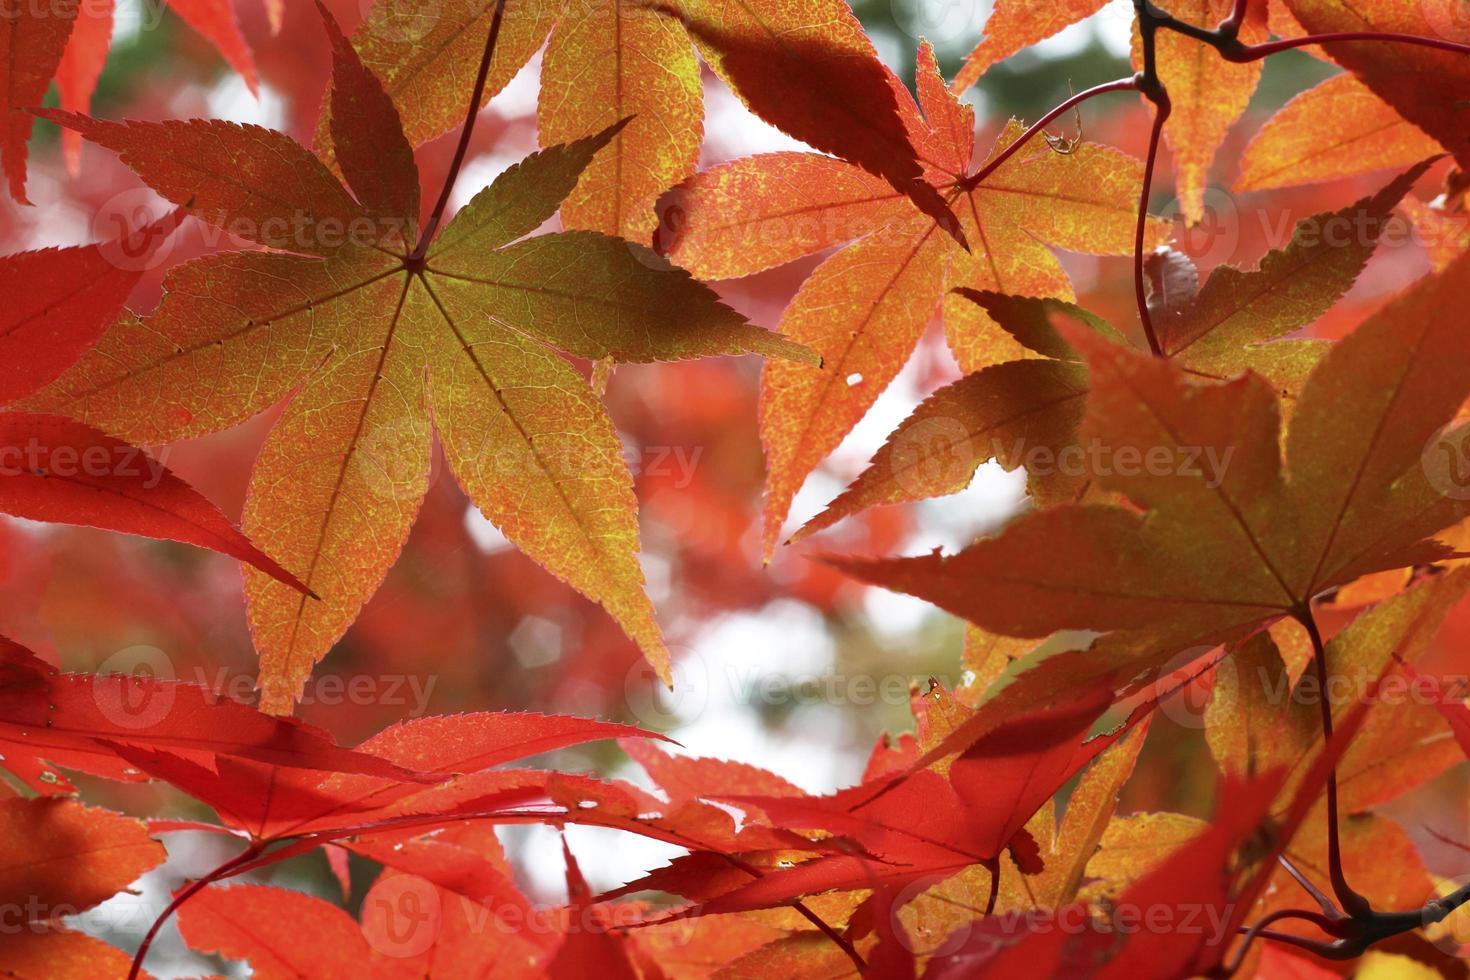 feuilles d'automne les feuilles d'automne photo